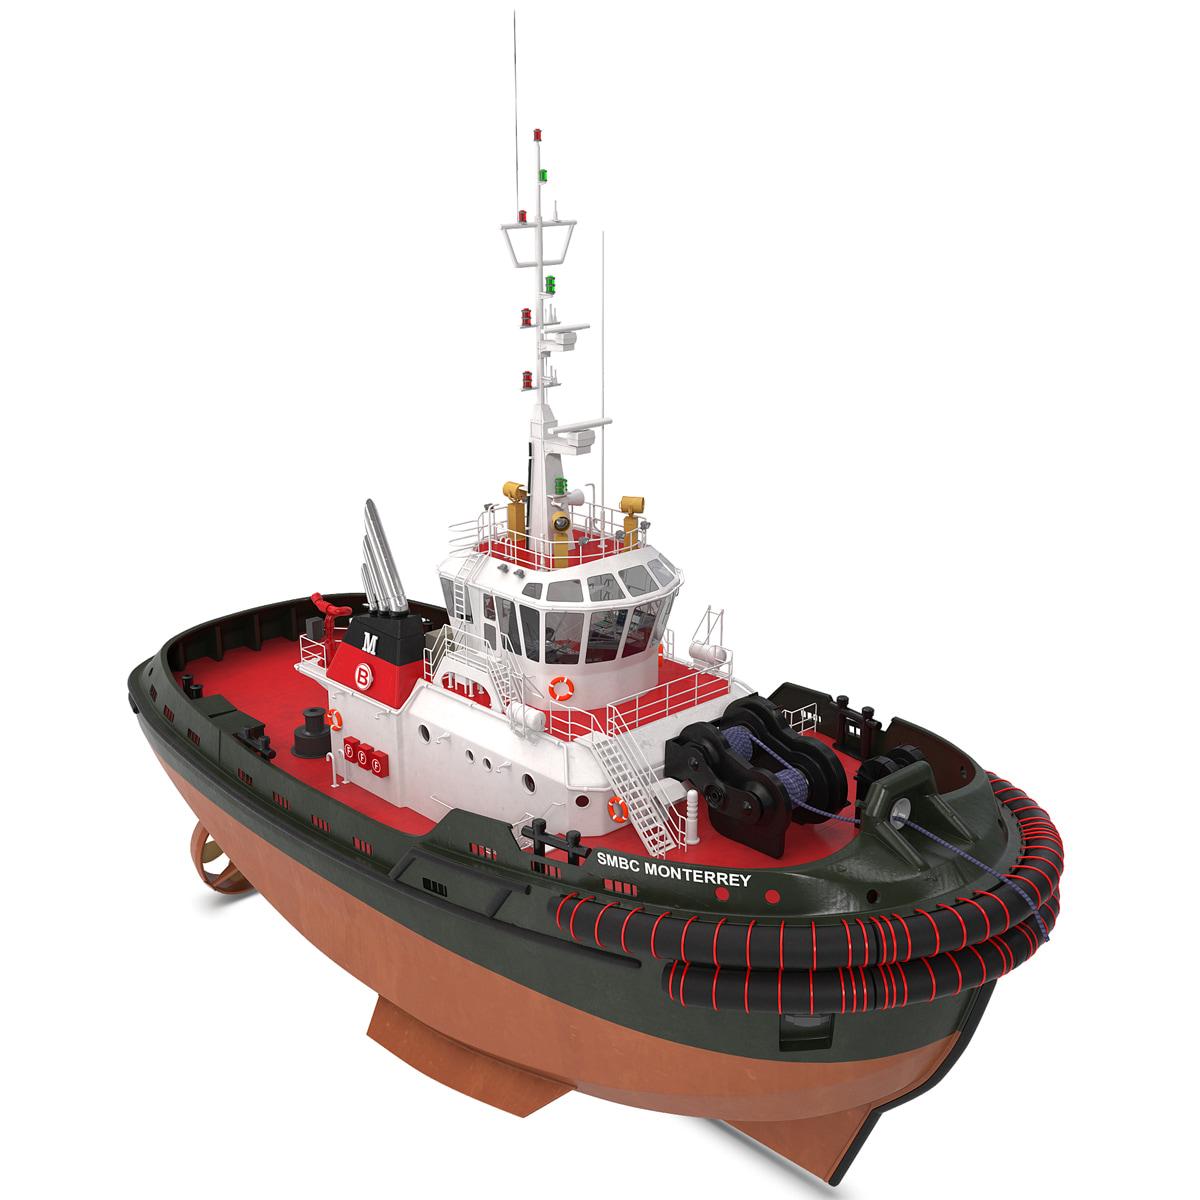 Tugboat 3_8.jpg